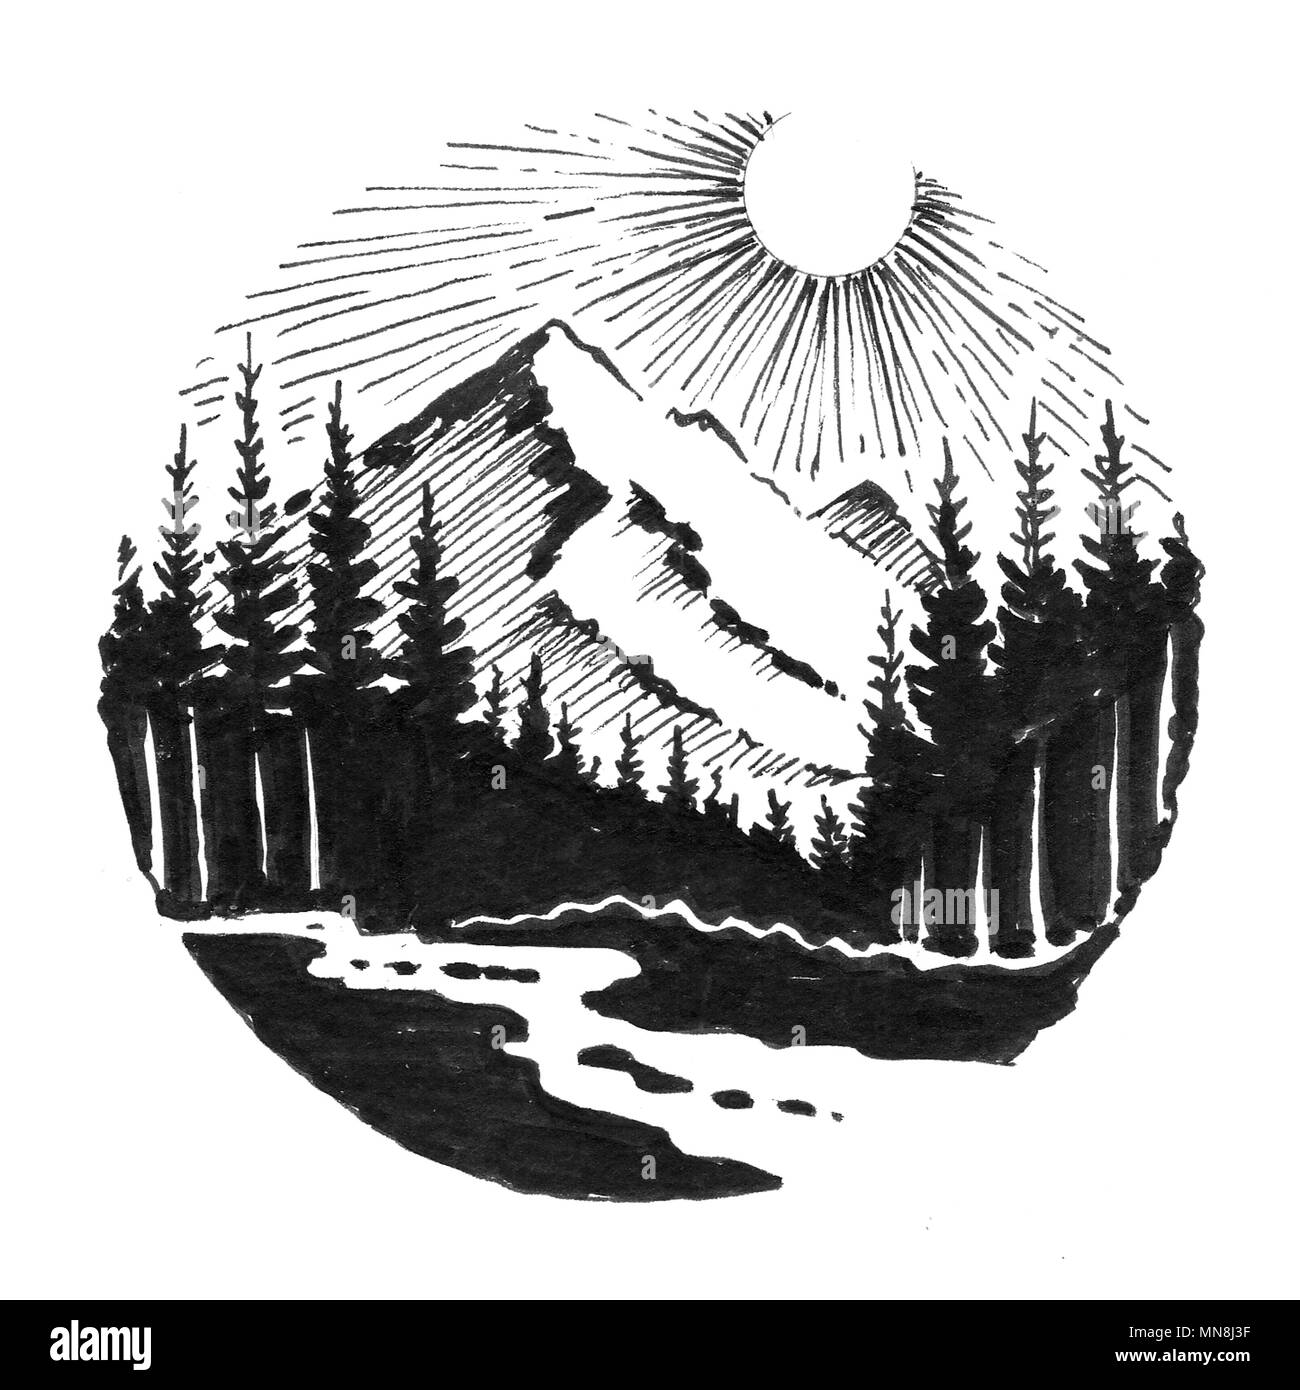 rivi re de montagne paysage dessin noir et blanc encre banque d 39 images photo stock 185201283. Black Bedroom Furniture Sets. Home Design Ideas